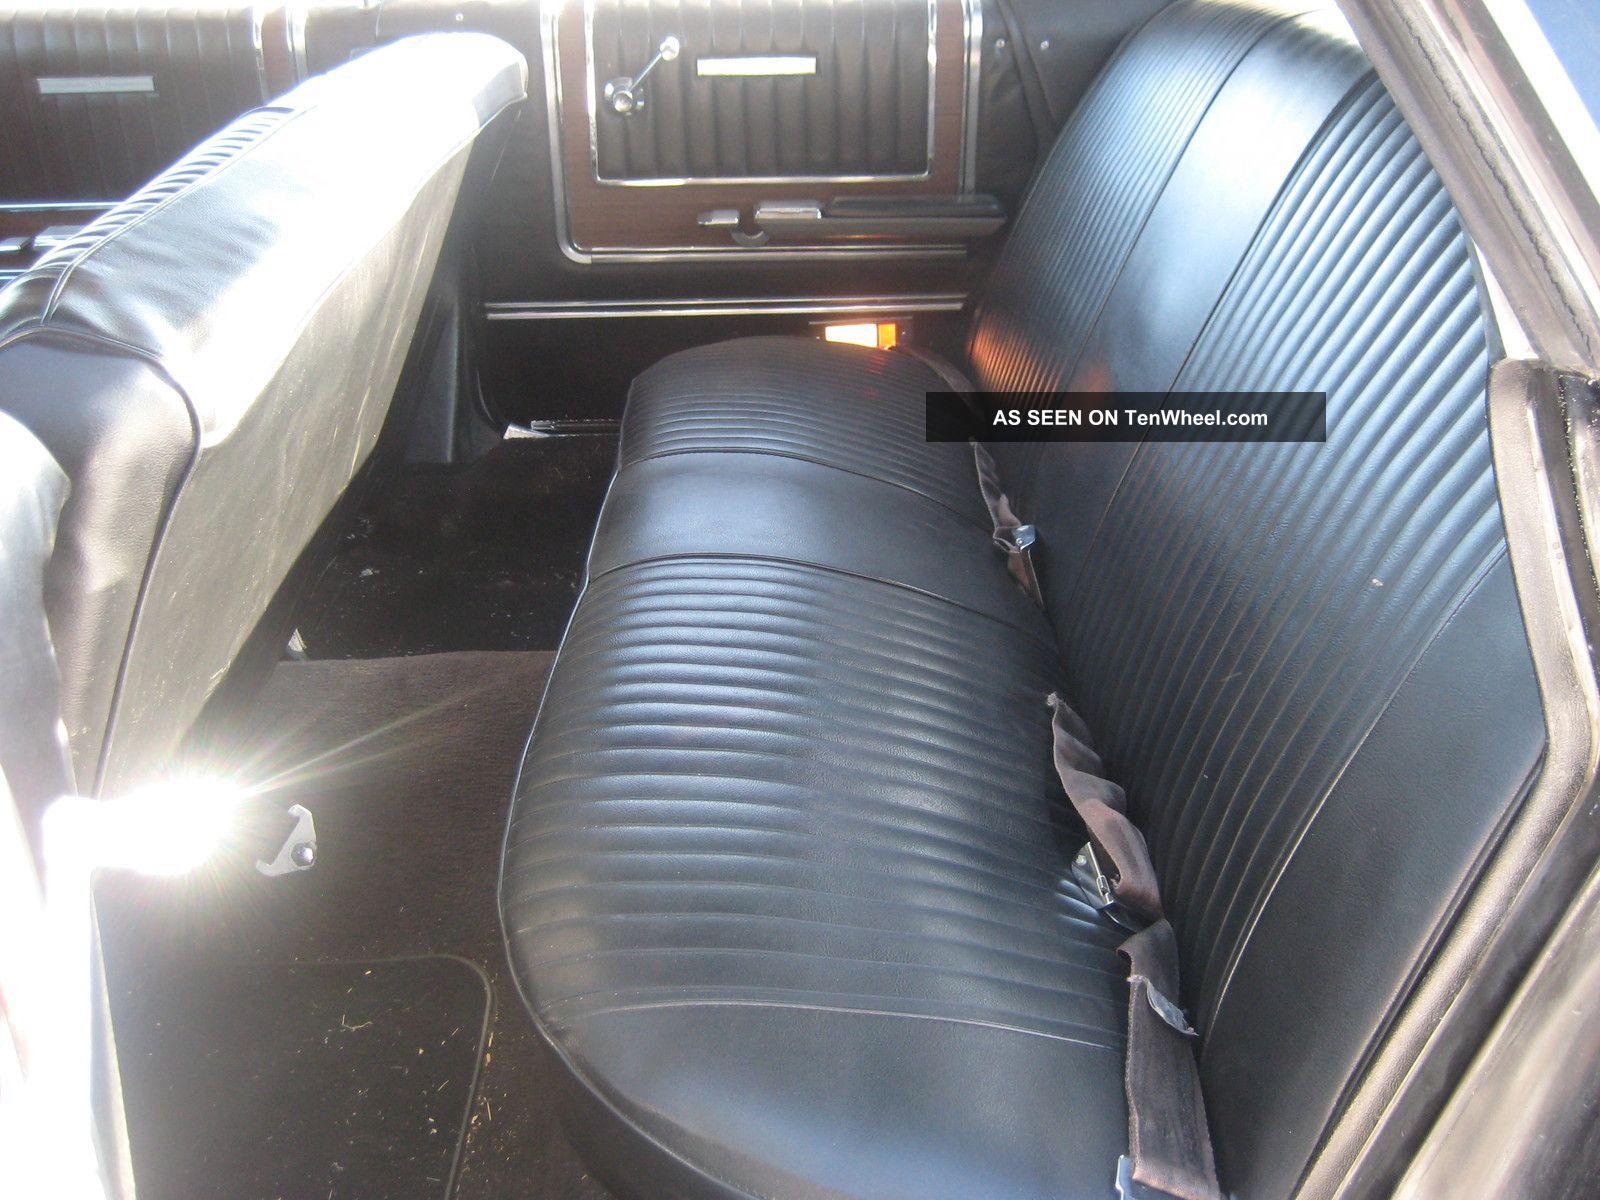 1965 Ford Galaxie 500 Ltd With 428ci Fe Engine